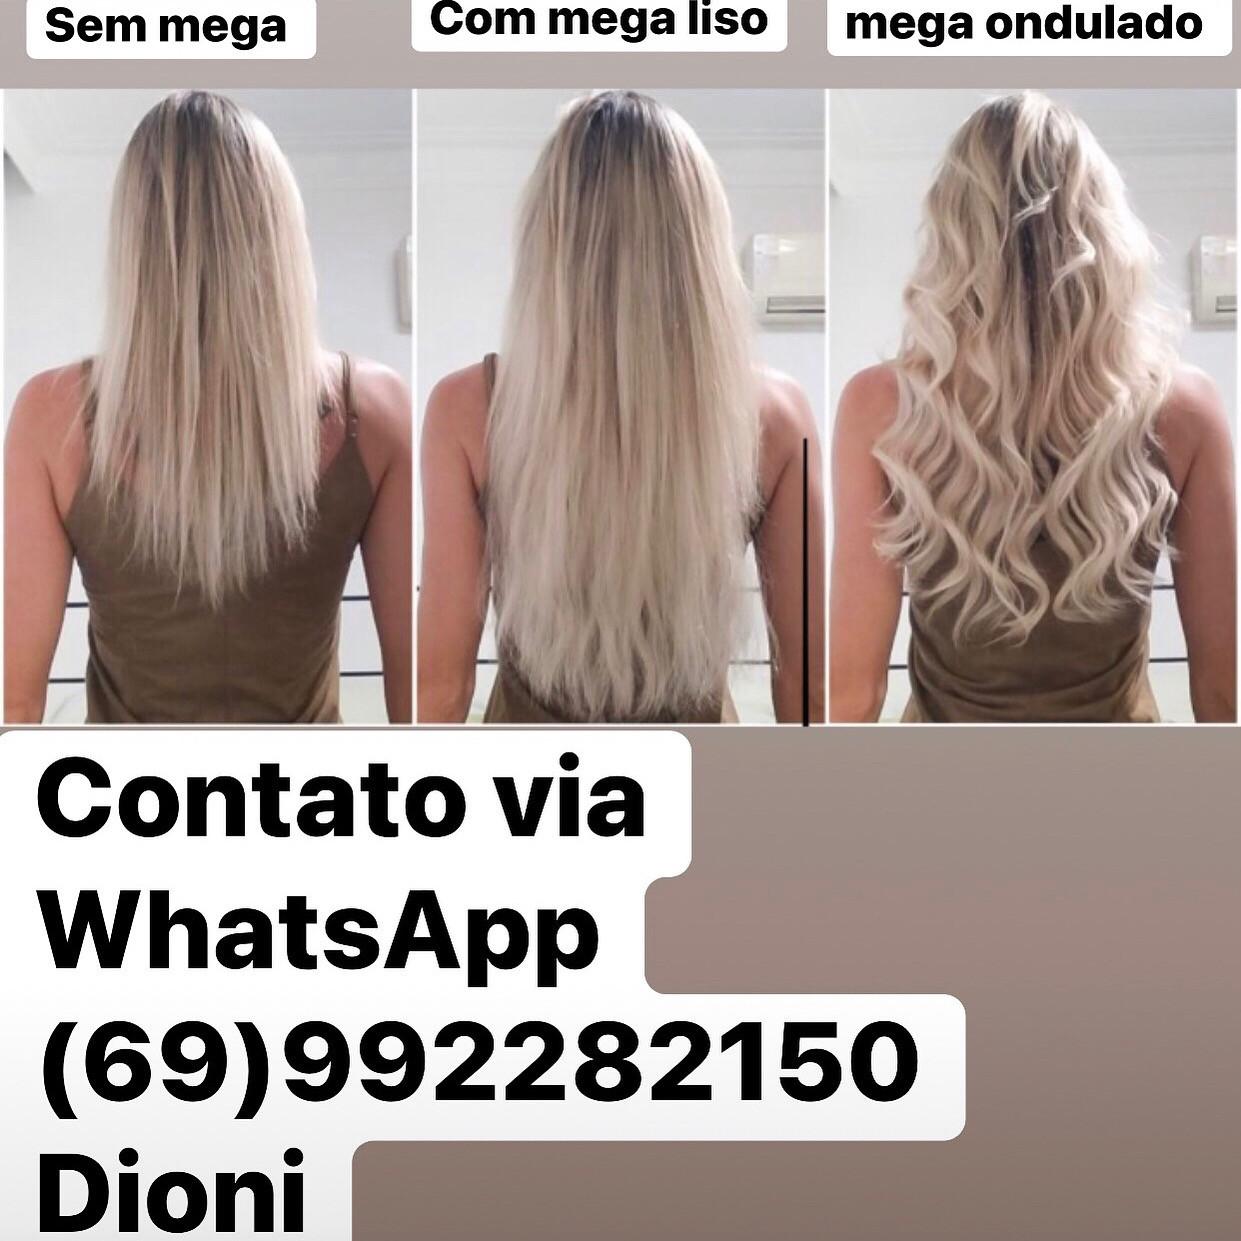 Mega hair / alongamento de cabelo